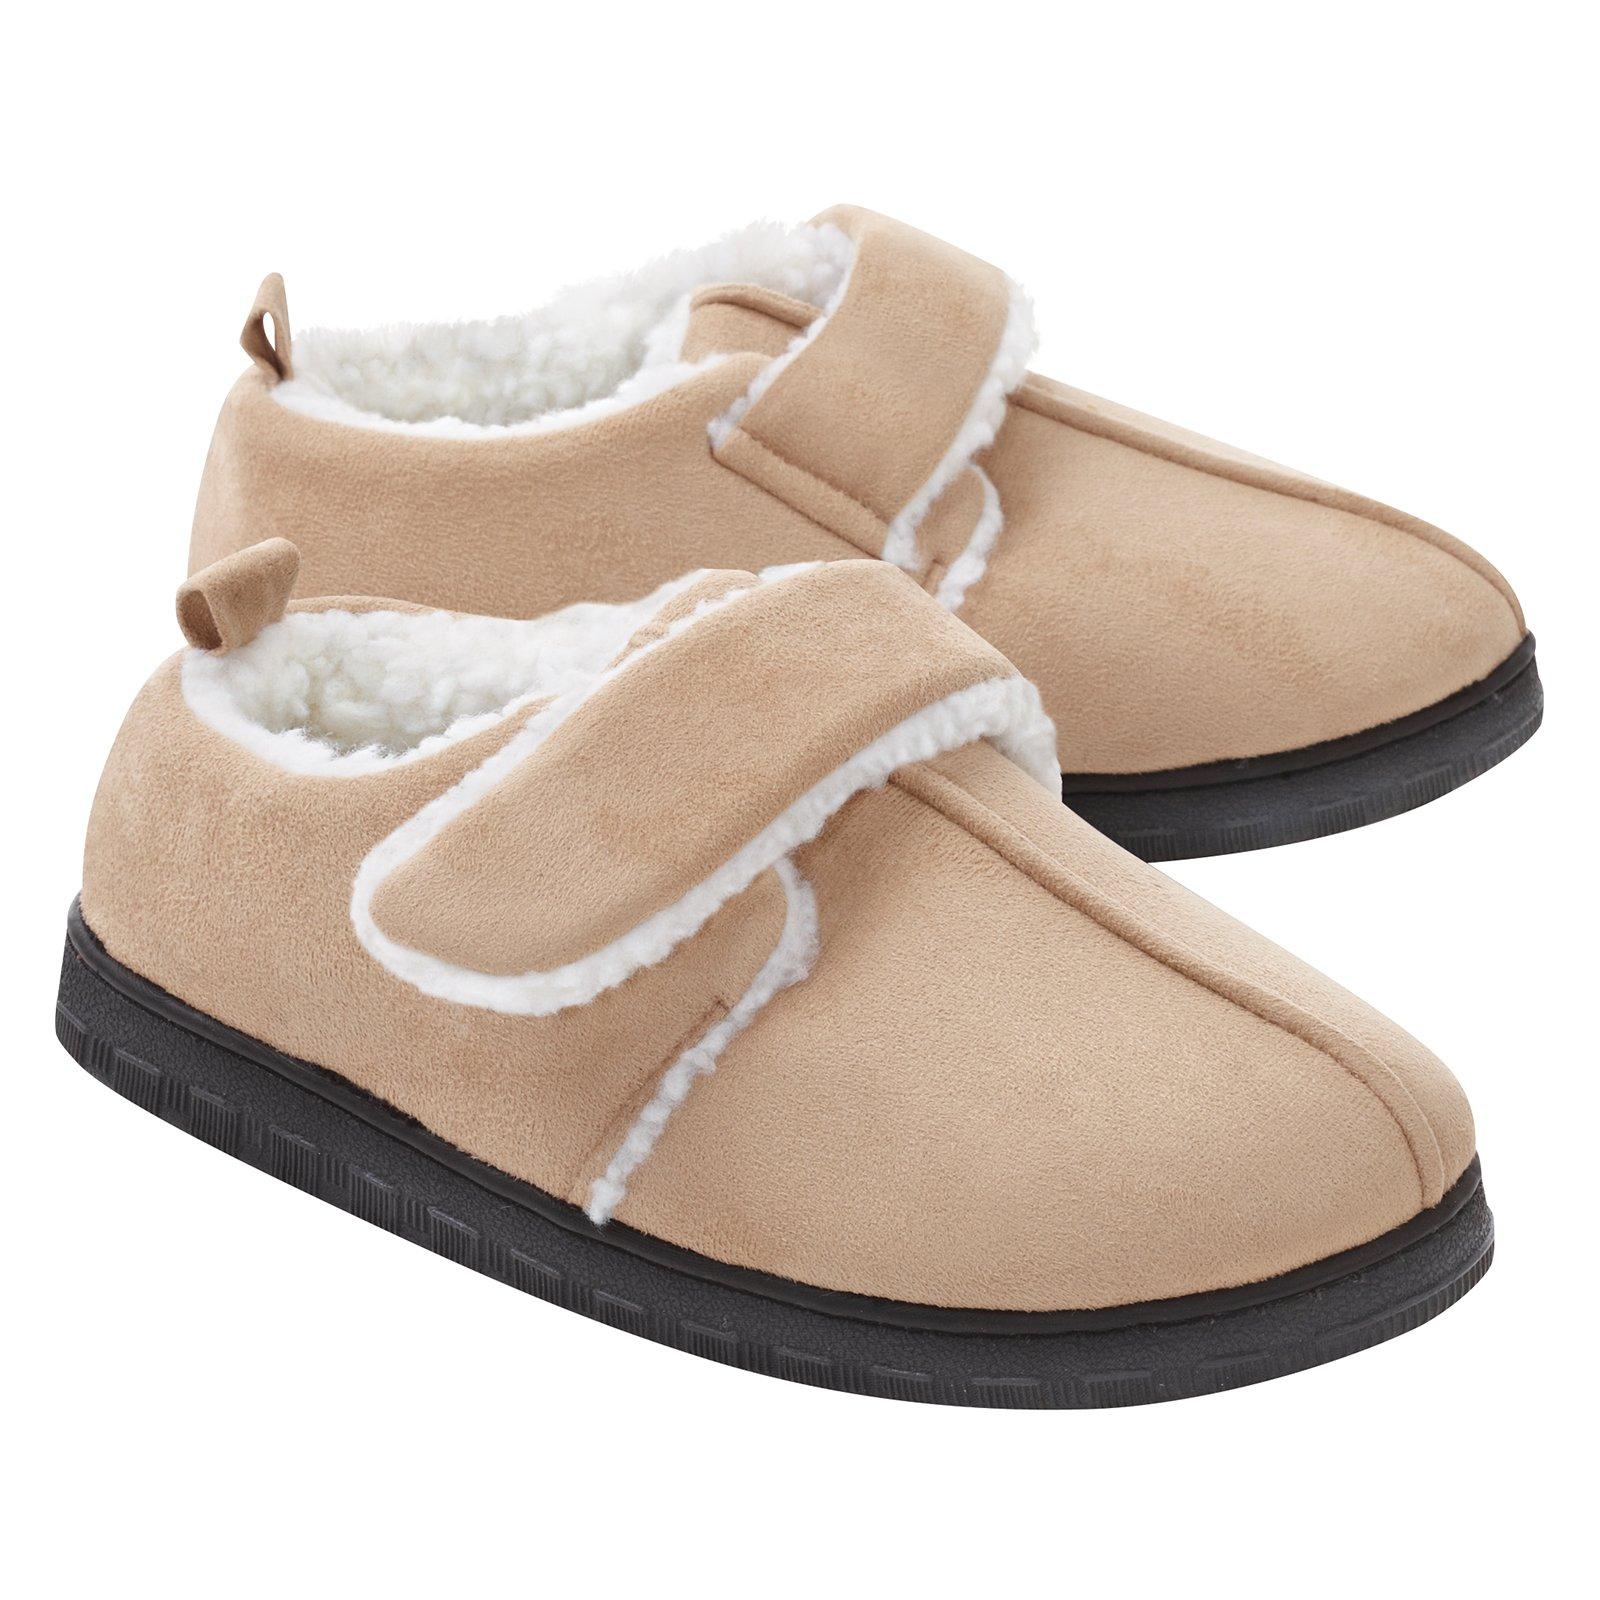 Best Friend Adjustable Slippers, Ladies S (5-6), Tan